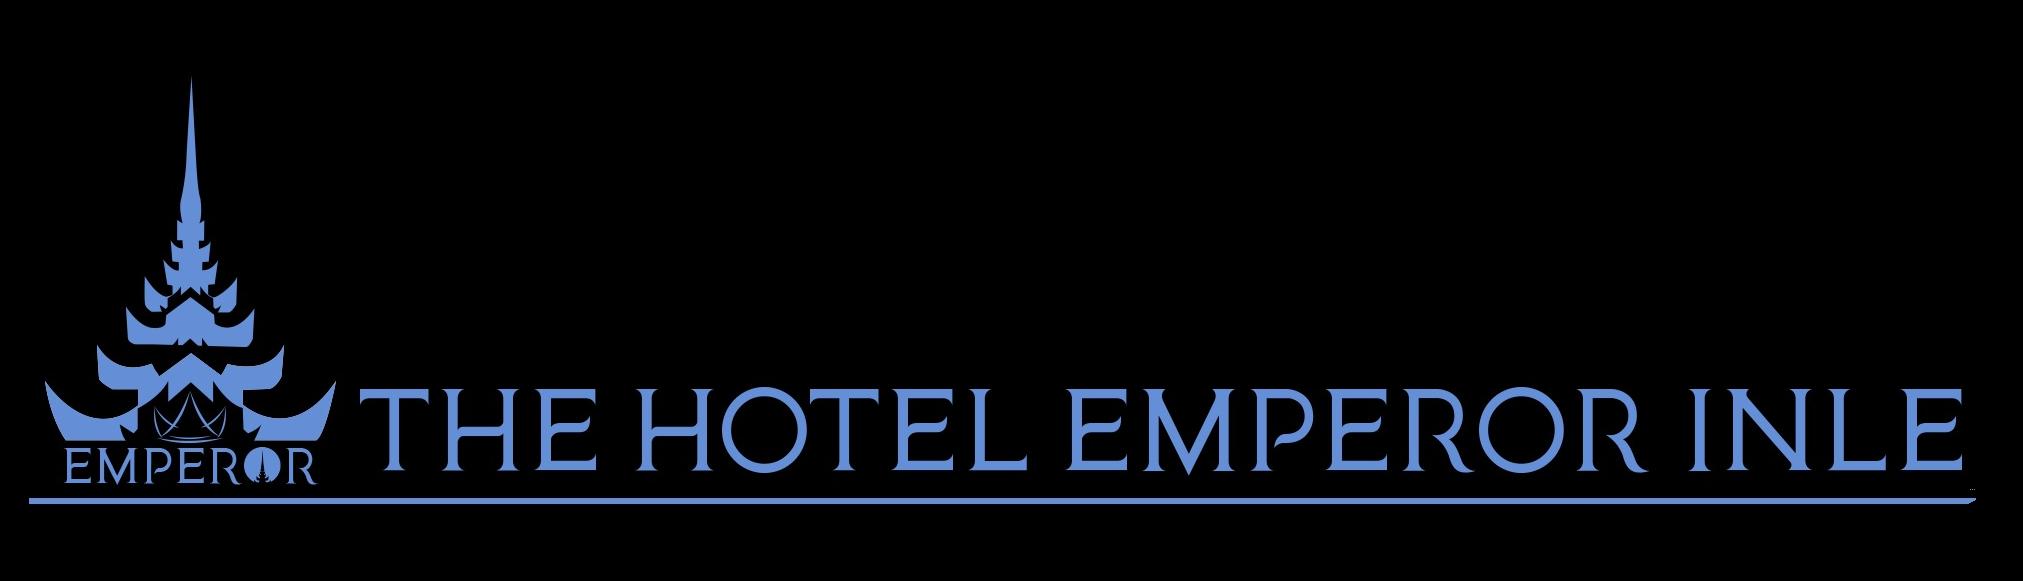 더 호텔 엠퍼러-인레